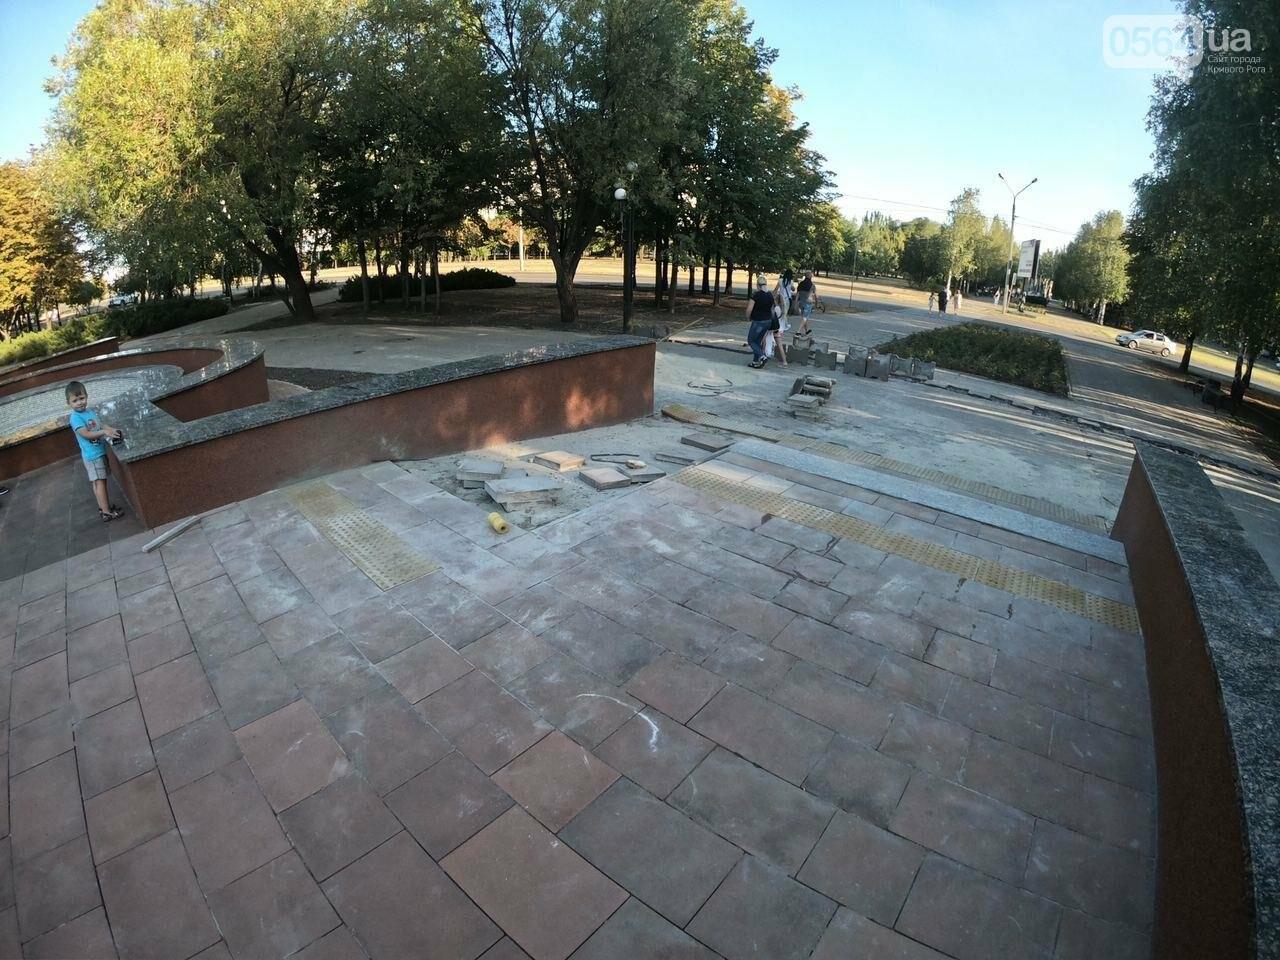 В Кривом Роге включили фонтан перед мэрией, - ФОТО, ВИДЕО , фото-28